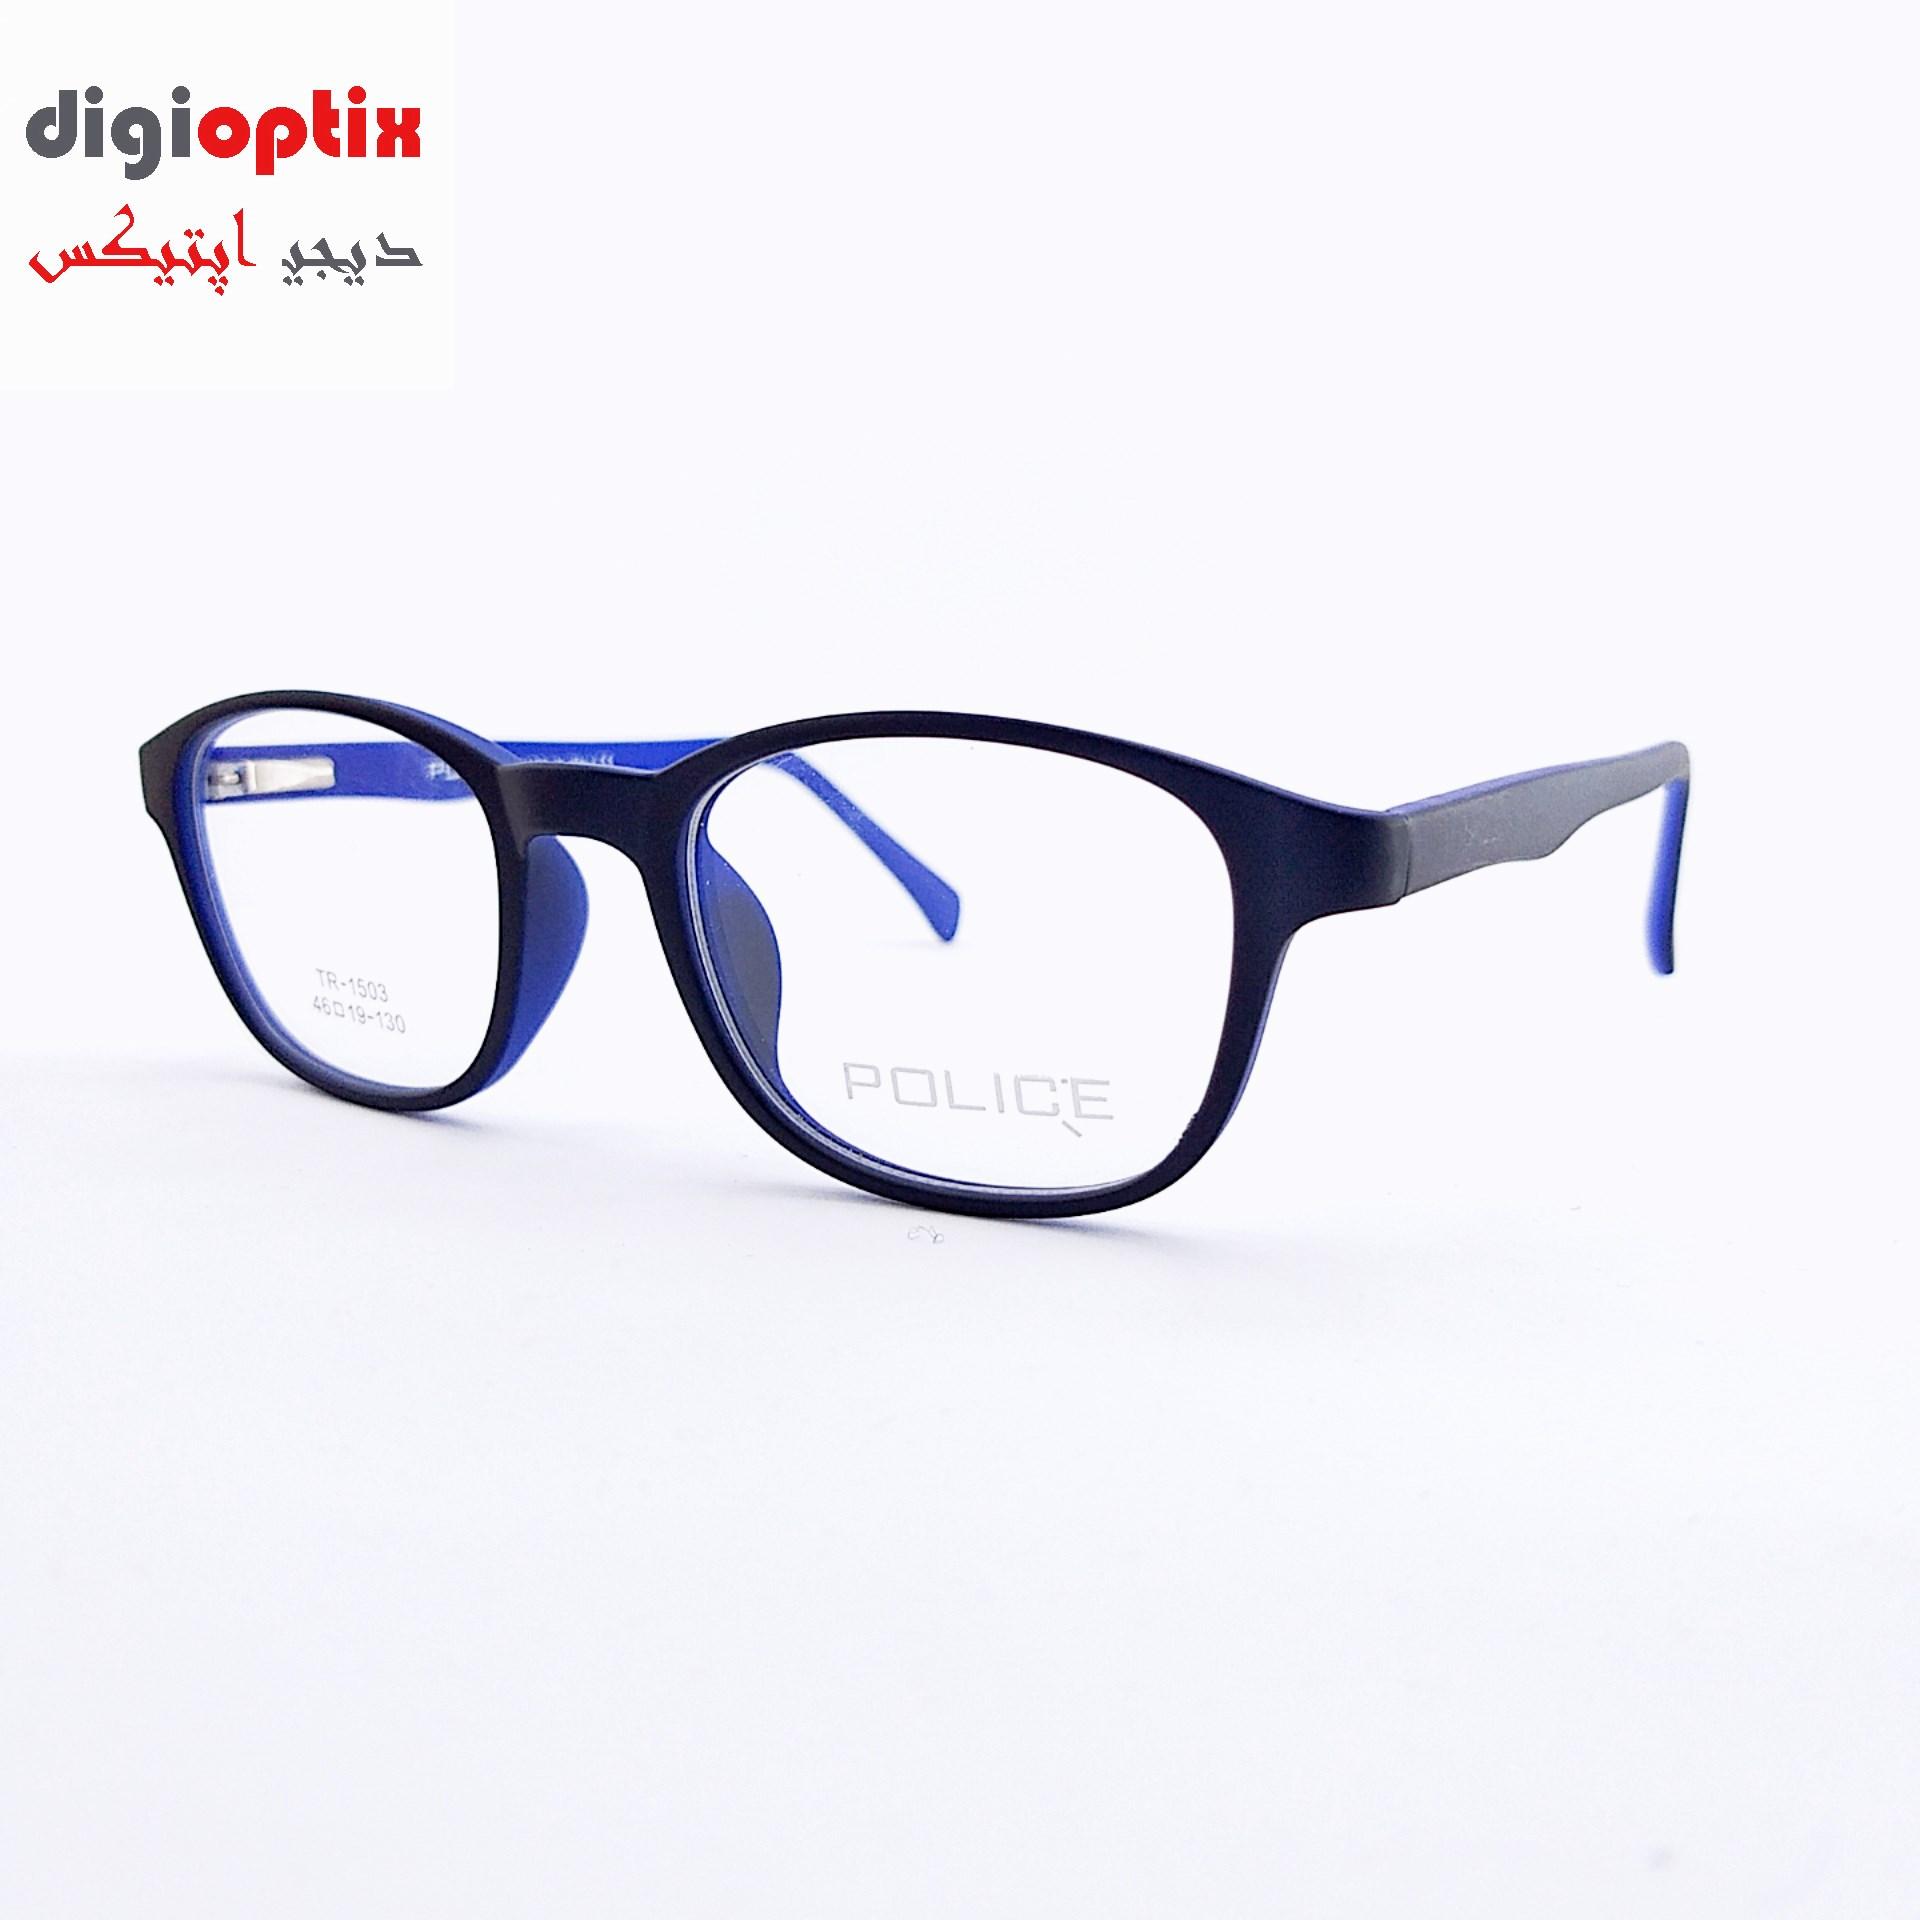 فریم عینک طبی بچگانه استات مارک POLICE رنگ مشکی - آبی مدل TR-1508